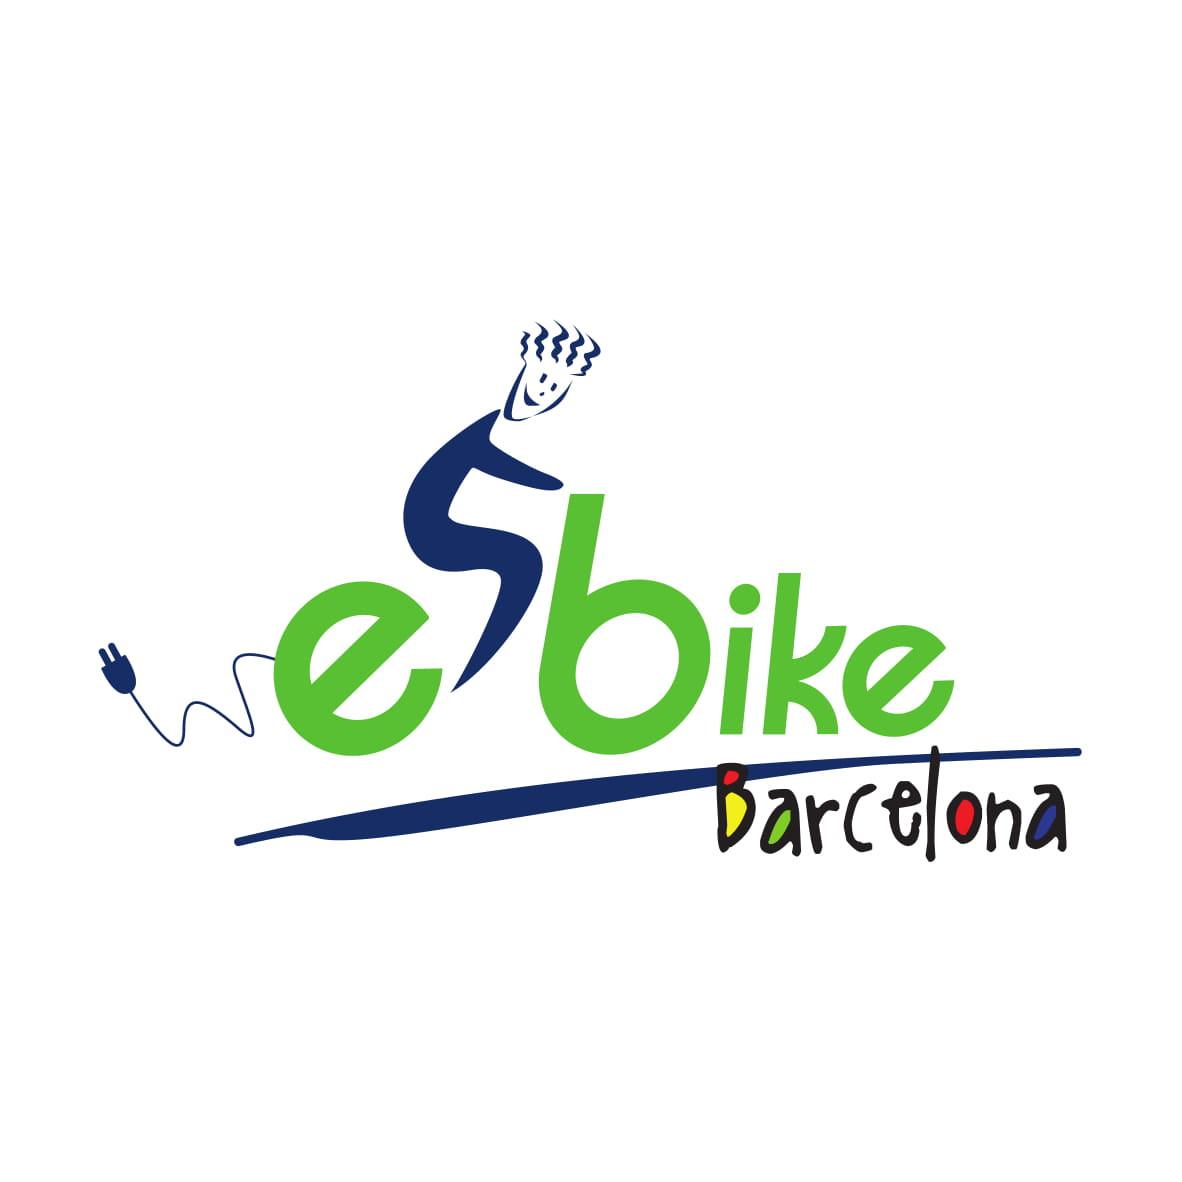 Barcelona E-bikerent S.L.